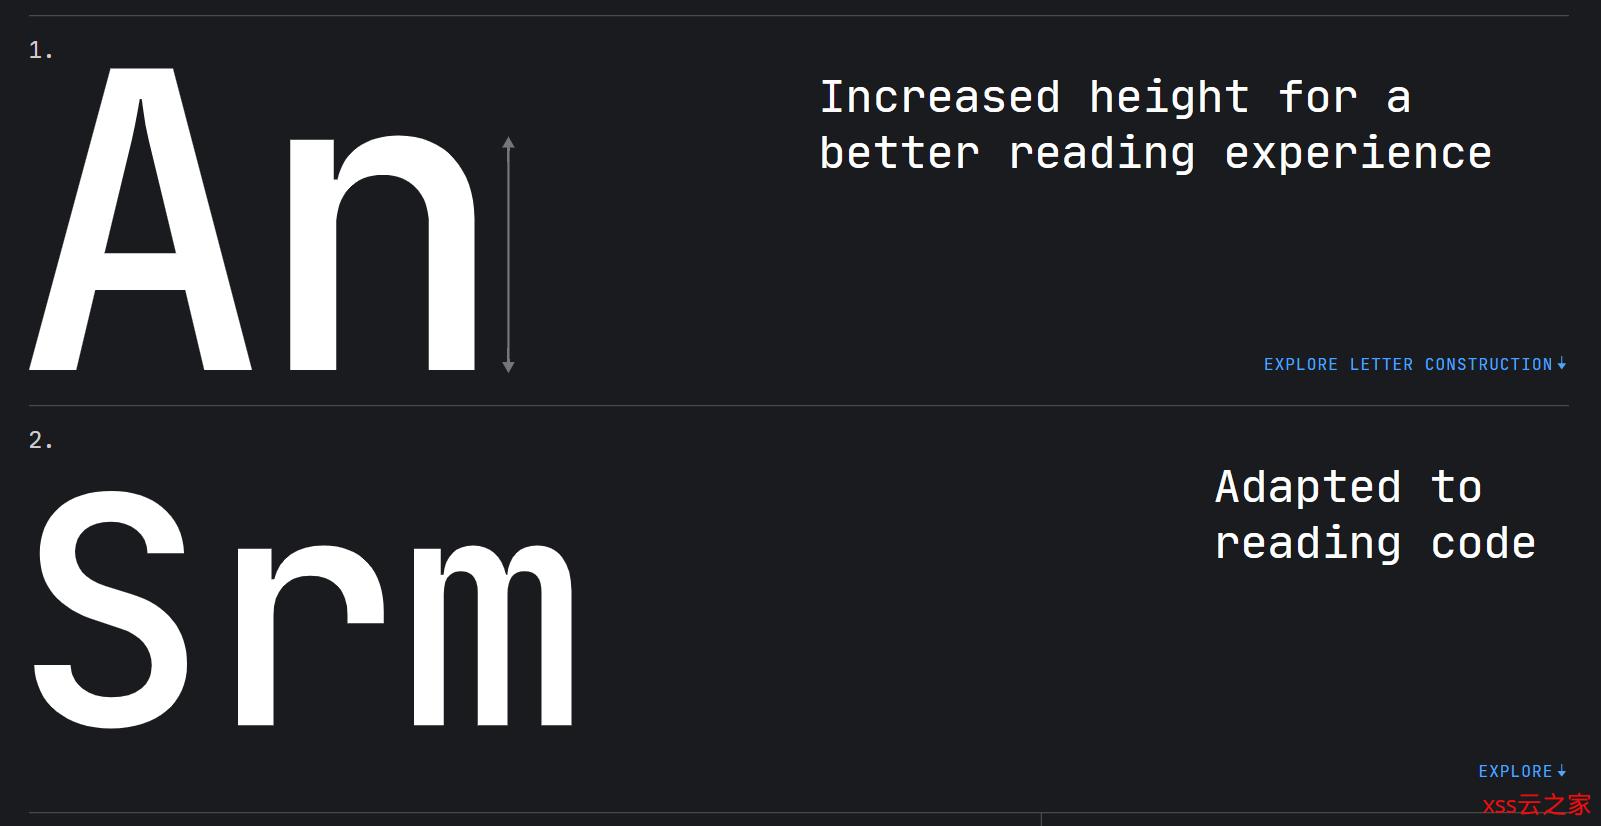 IDEA 公司推出新字体,极度舒适~